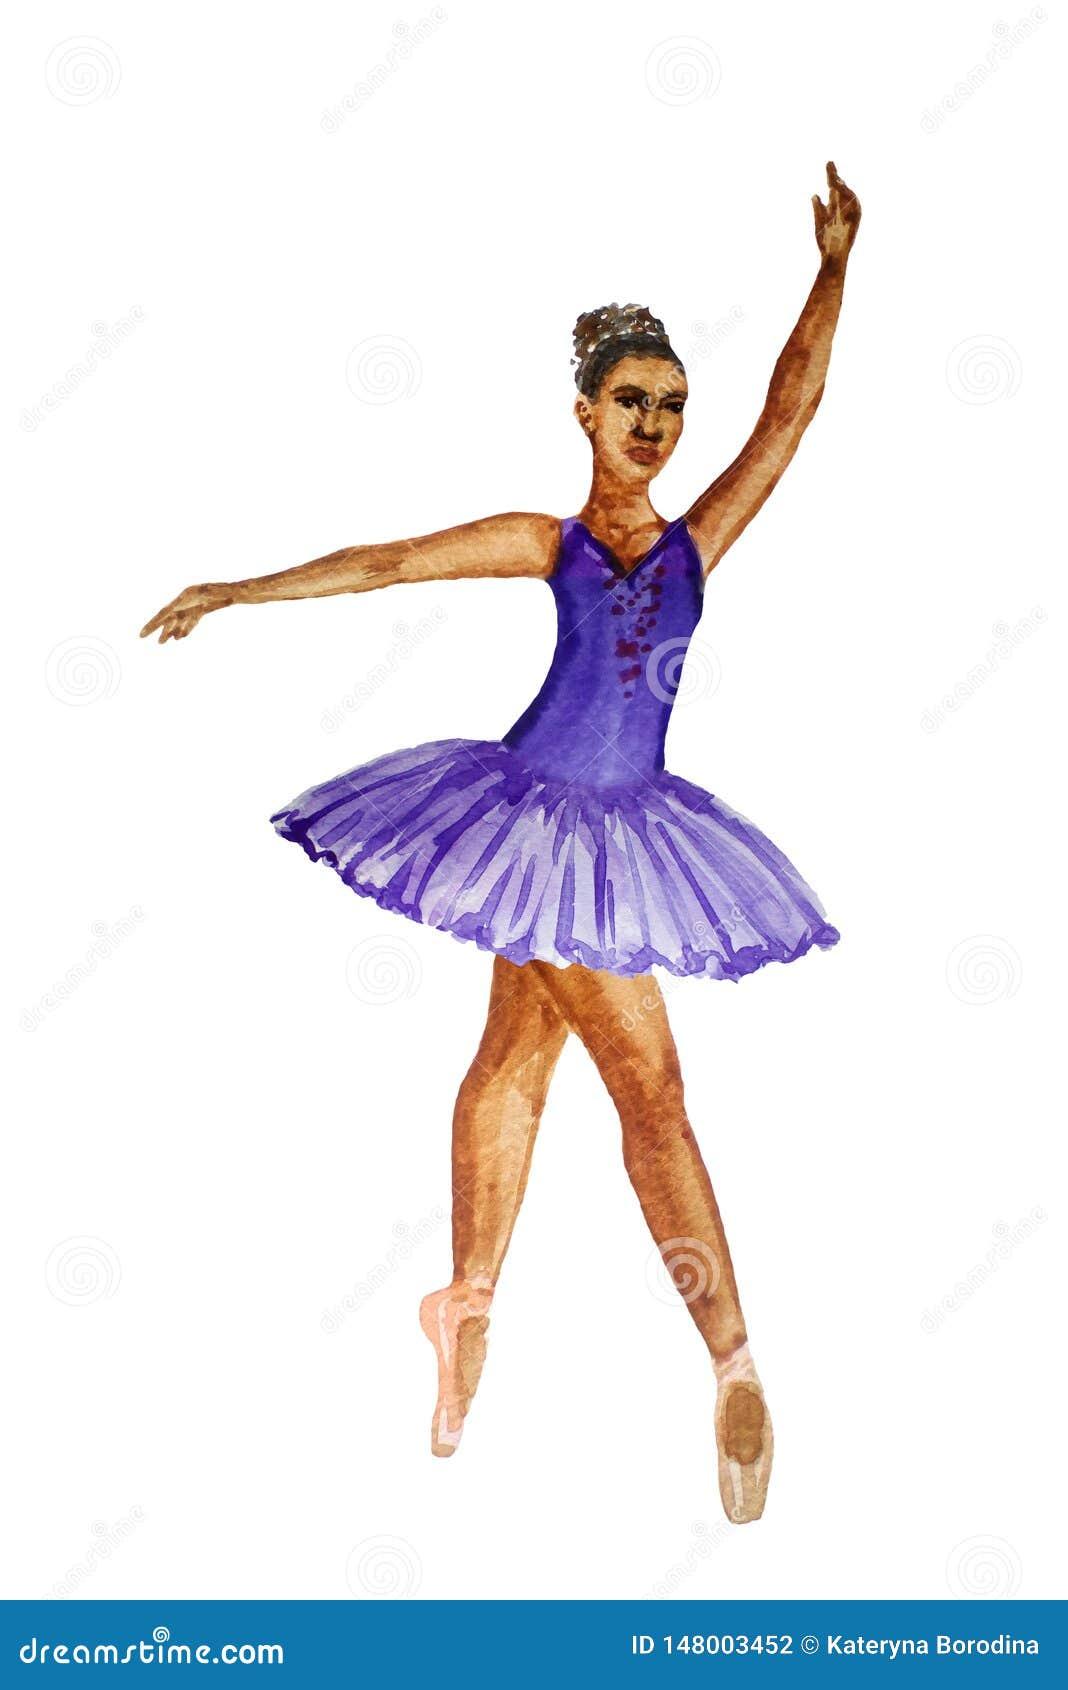 Baleriny dancingowej dziewczyny akwareli obrazu ilustracja odizolowywaj?ca na bia?ego t?a afryka?skim europejskim chi?czyku